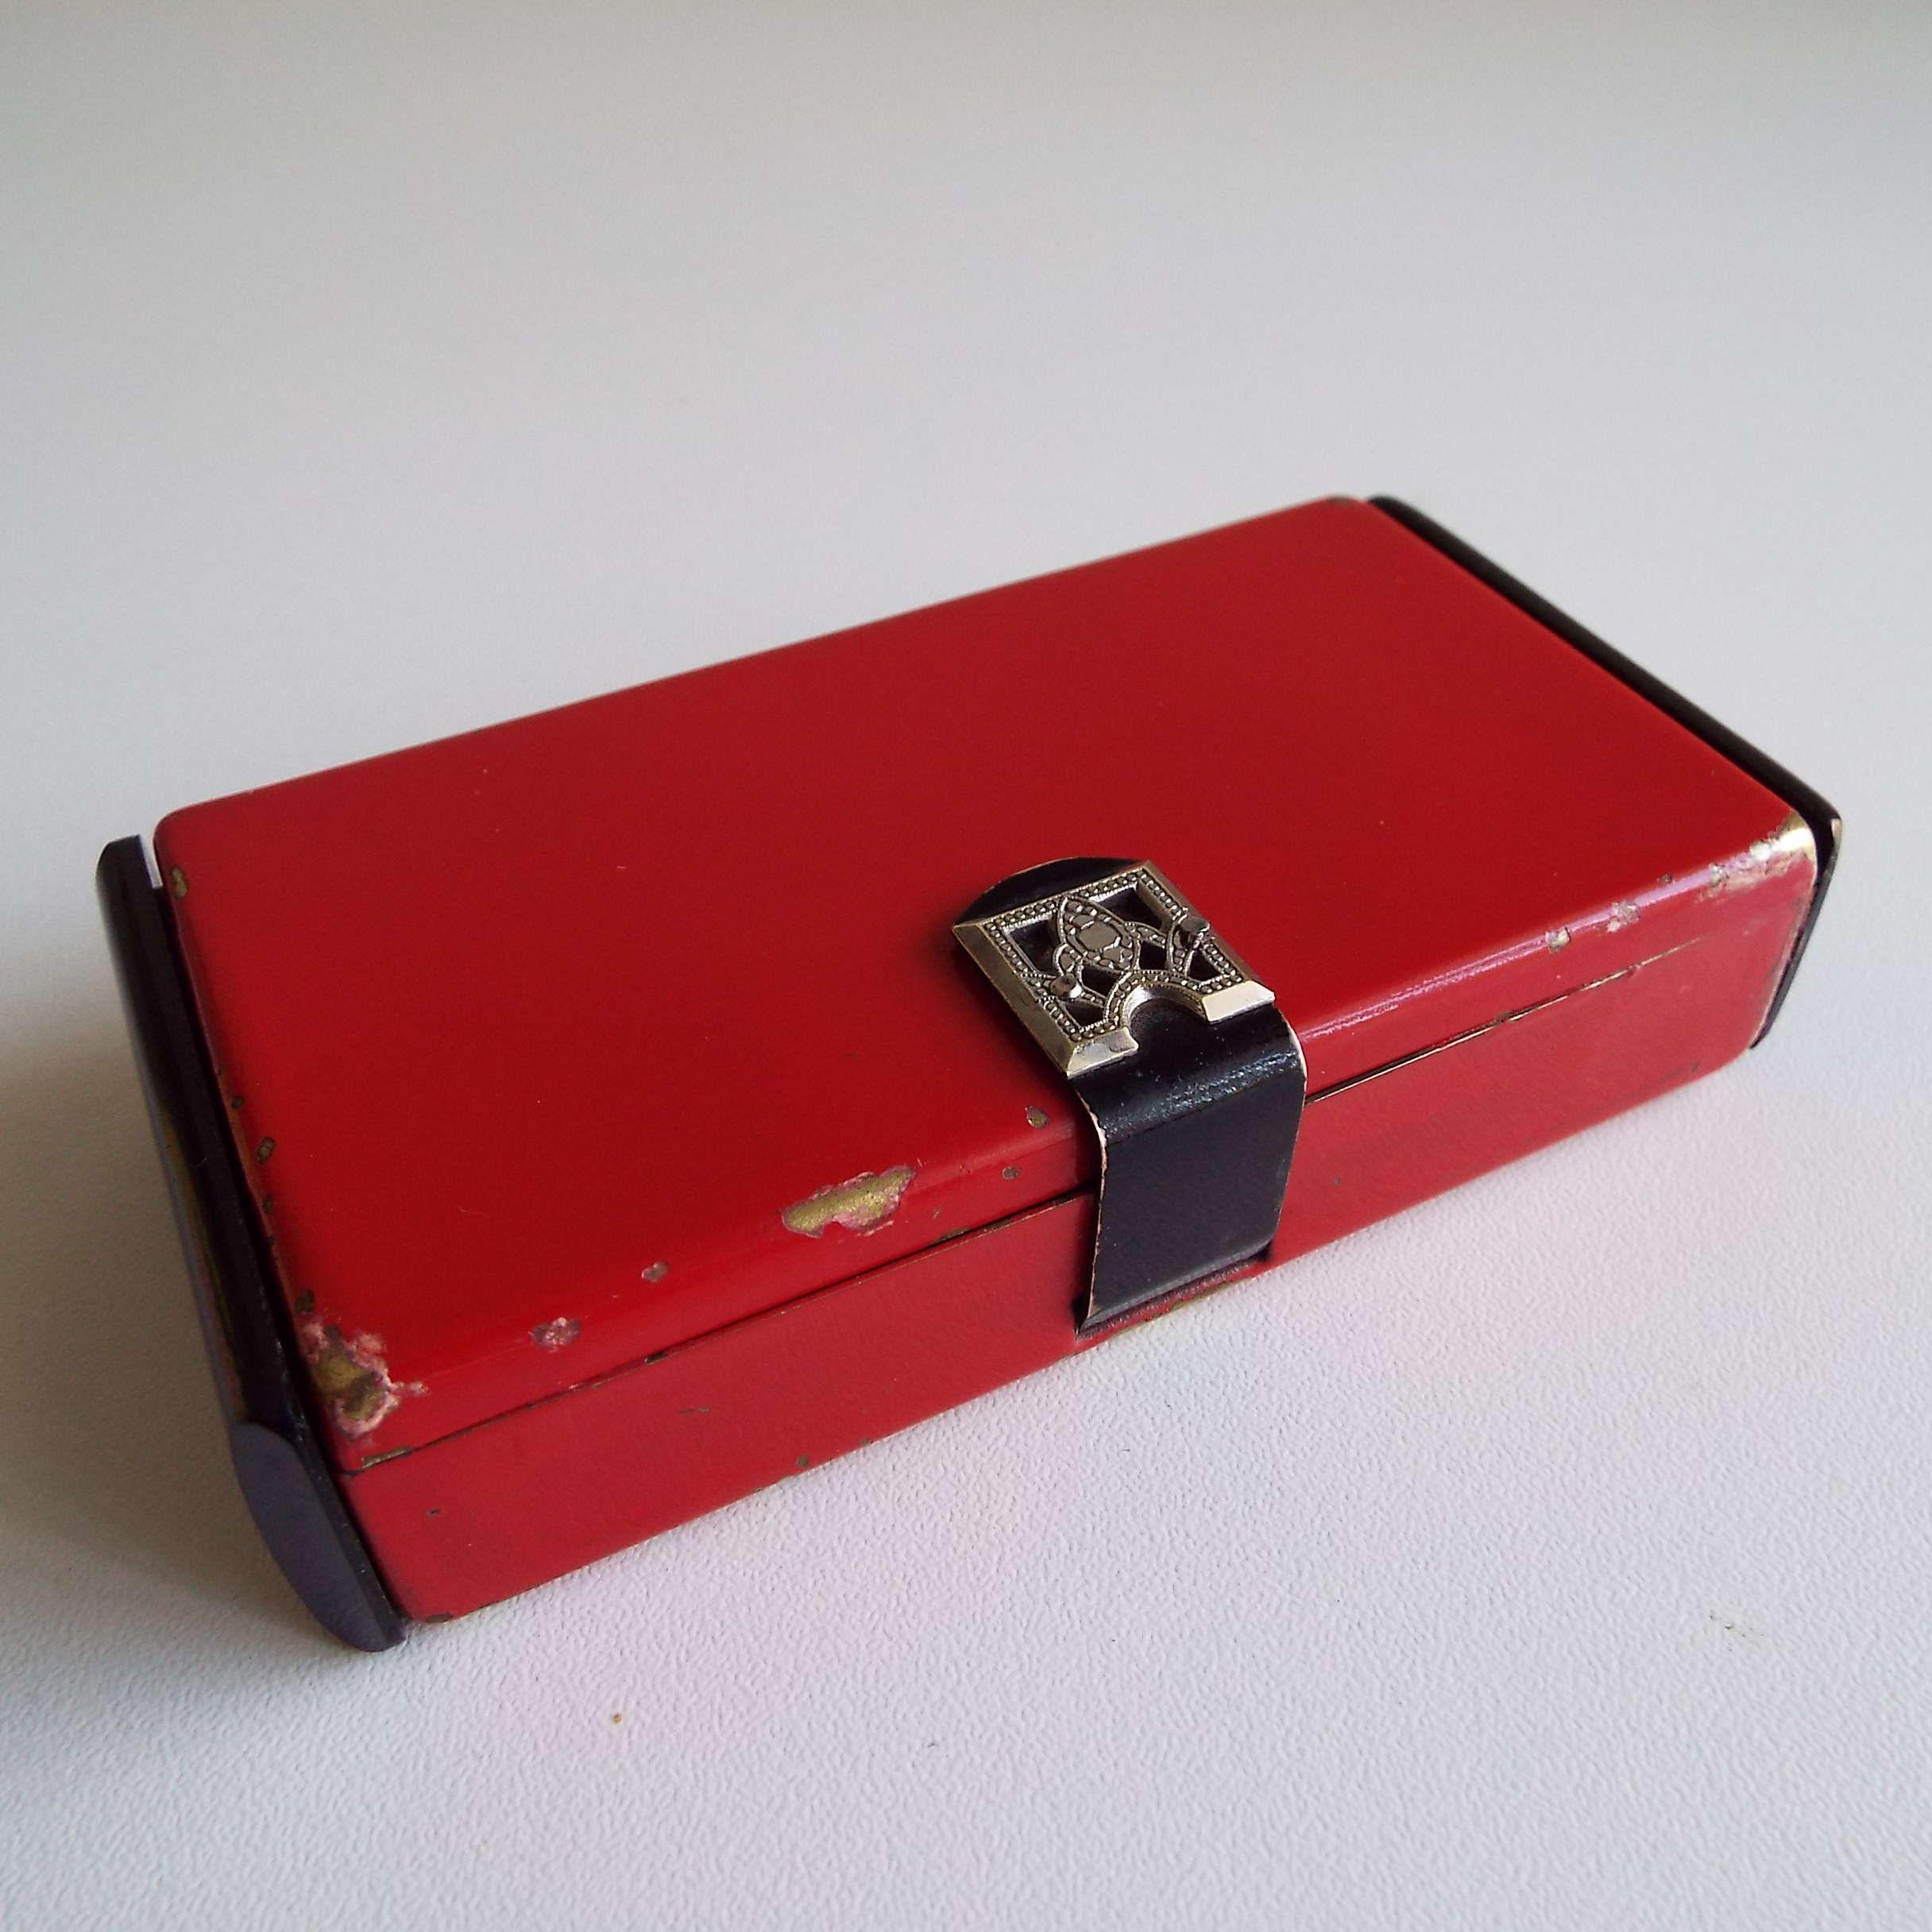 Vintage Art Deco 1930's Minaudiere Compact Purse Rouge